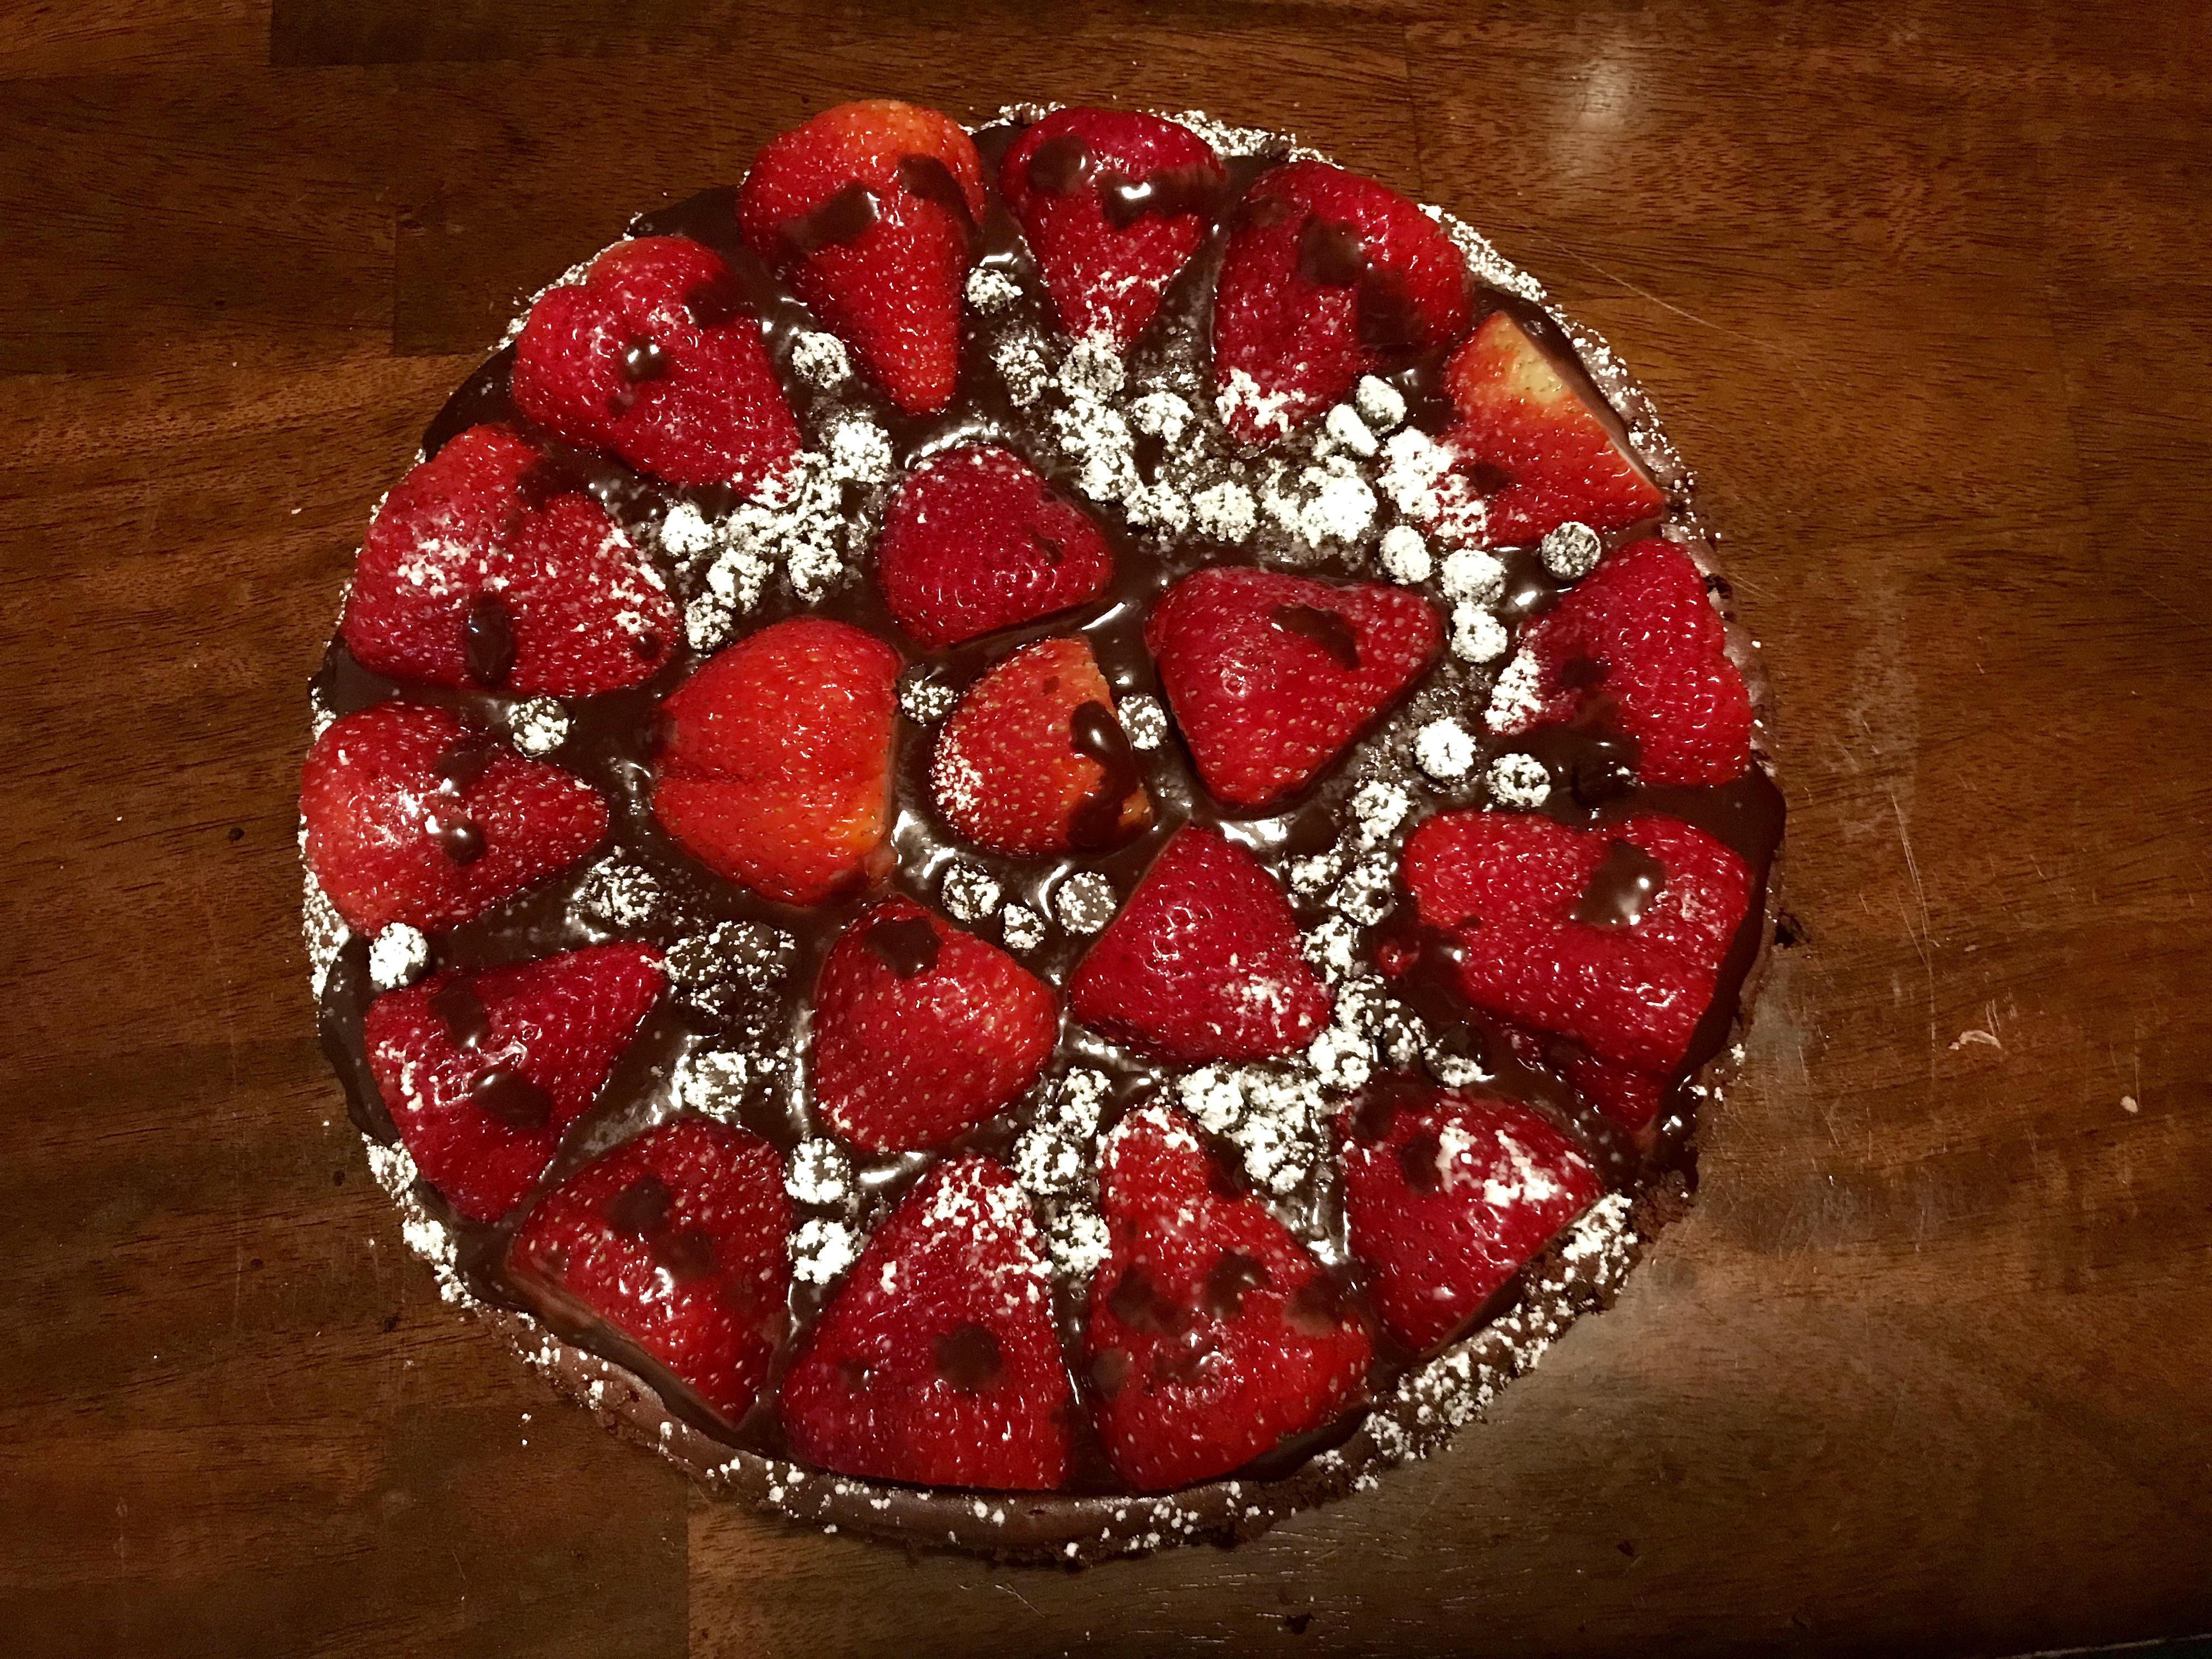 Chocolate Bliss Cheesecake Thomas MacDonald